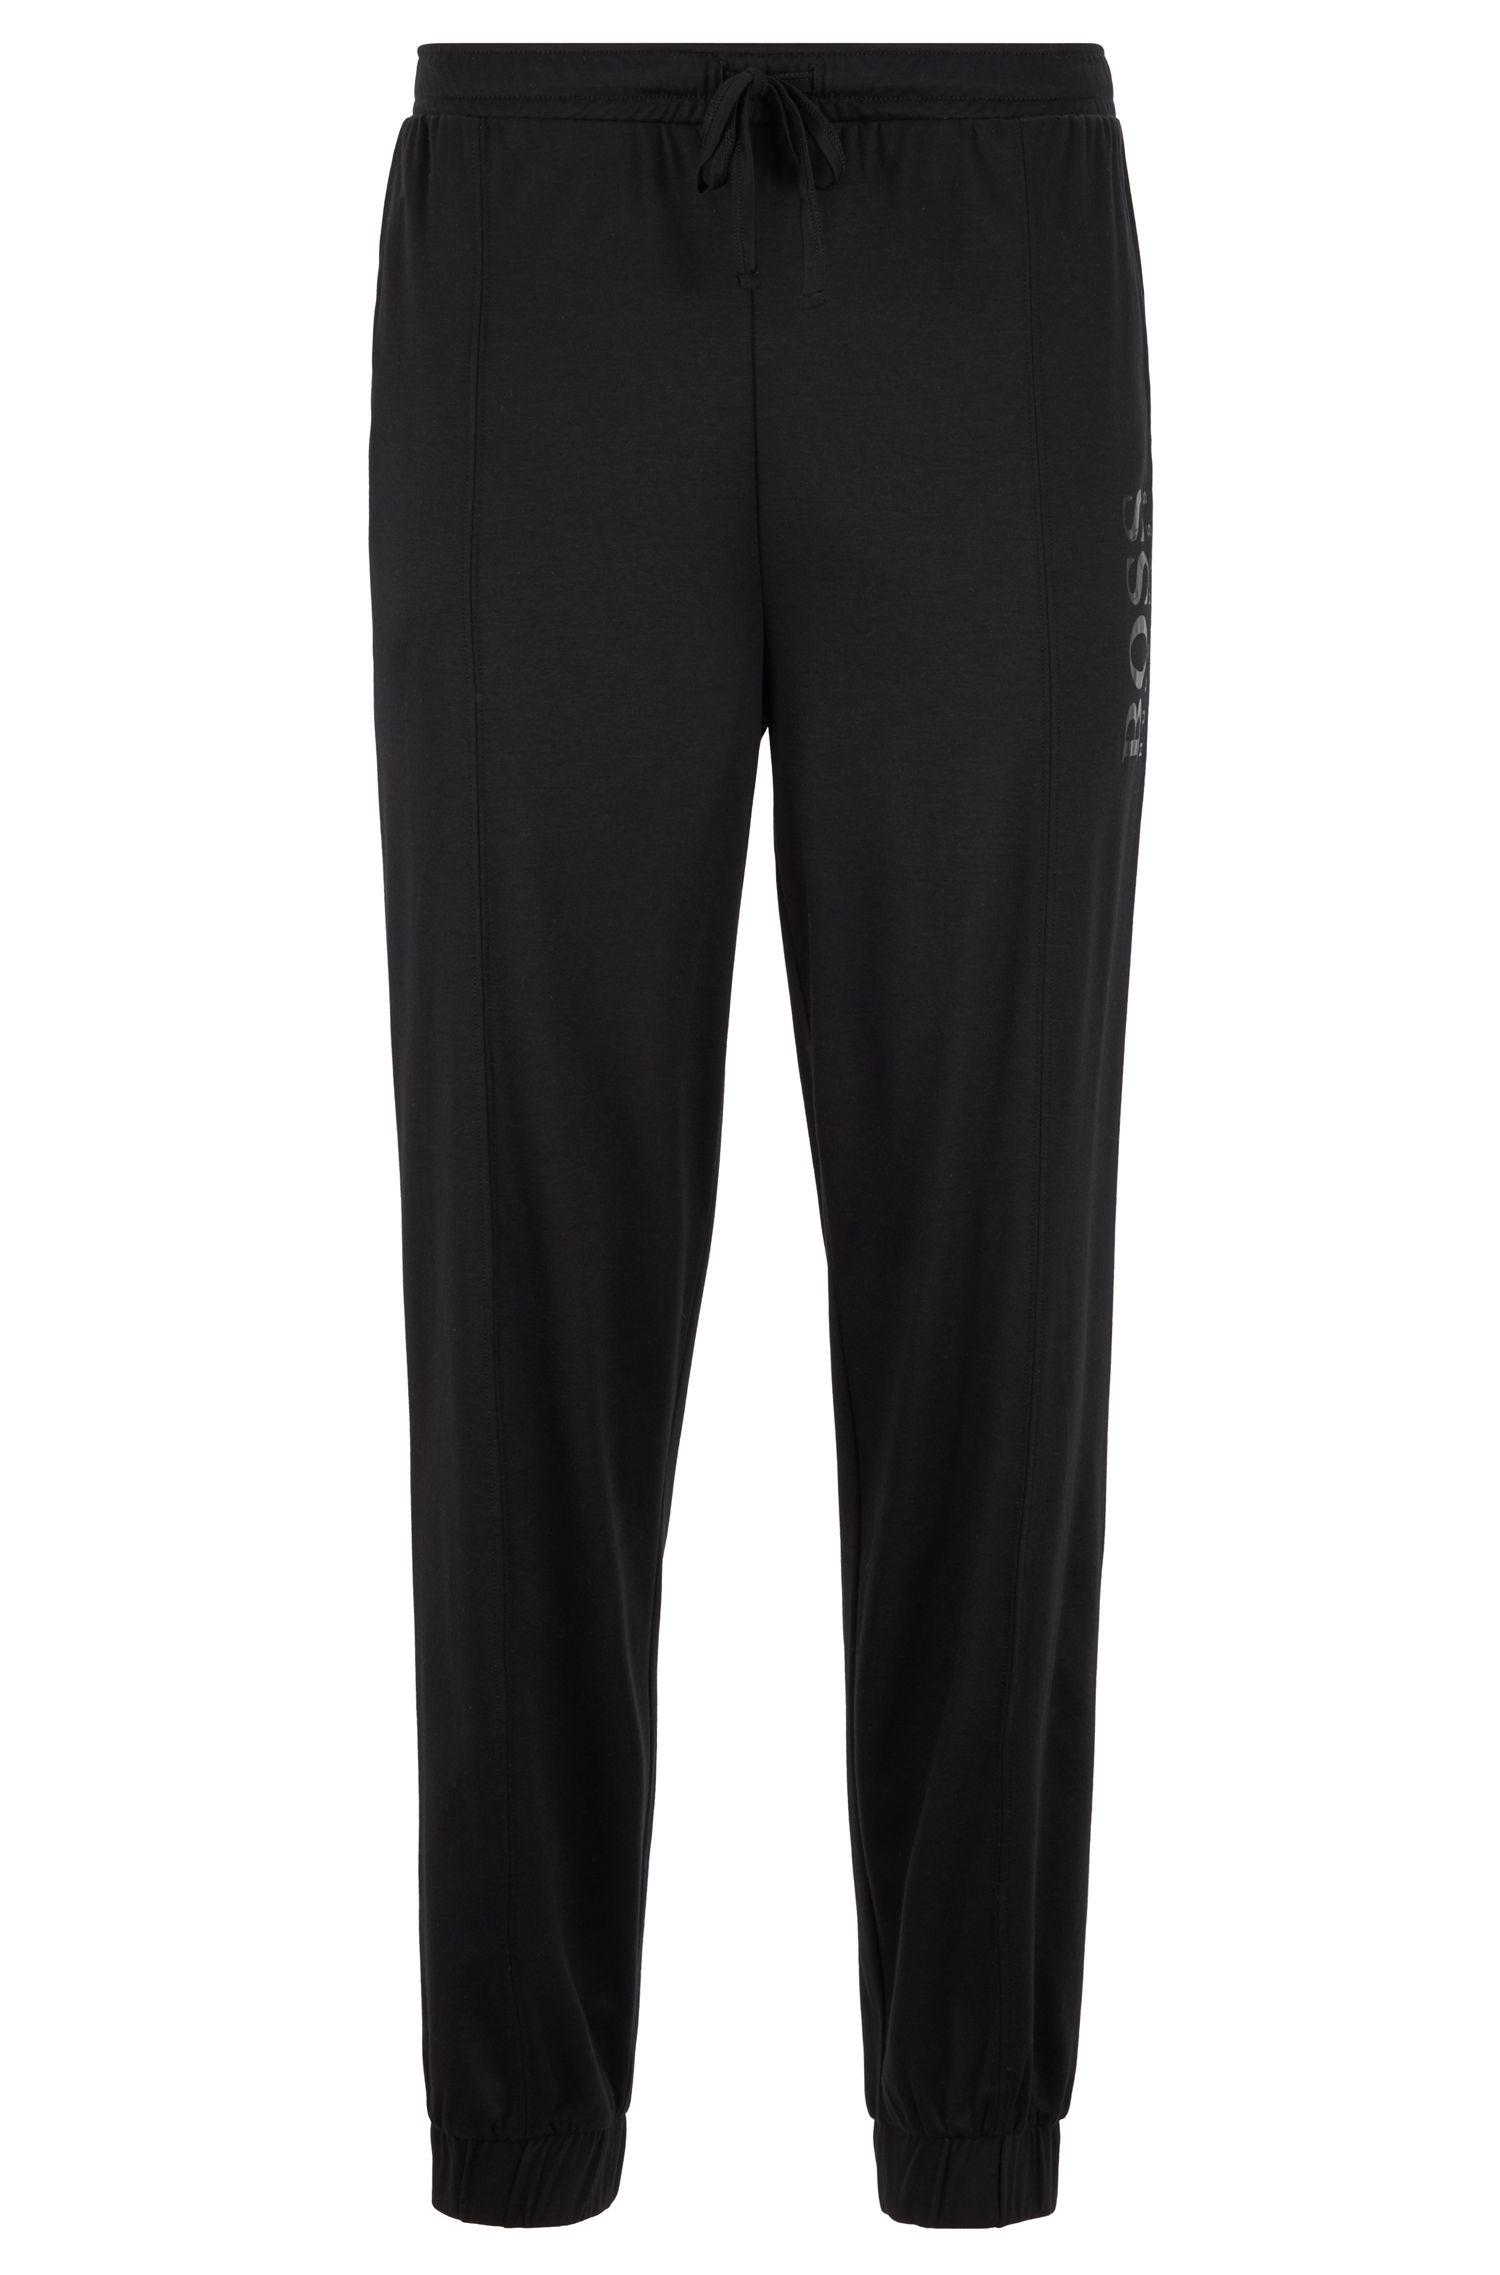 Pantalones de pijama con los bajos vueltos y logo con estampado plateado, Negro